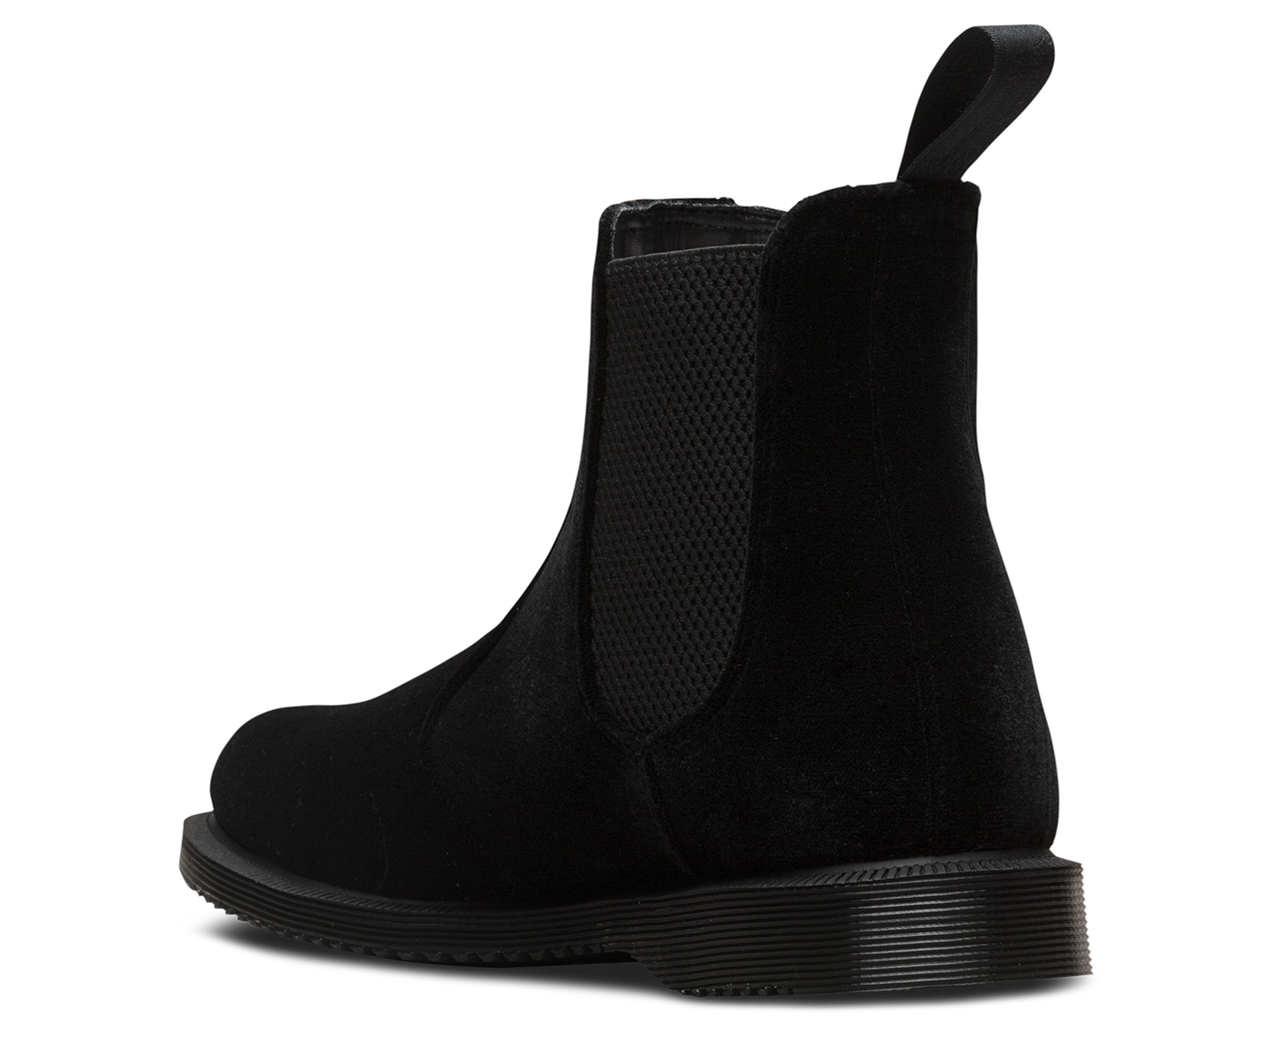 da49bd3a2f5 FLORA VELVET | Chelsea Boots | Dr. Martens Official Site